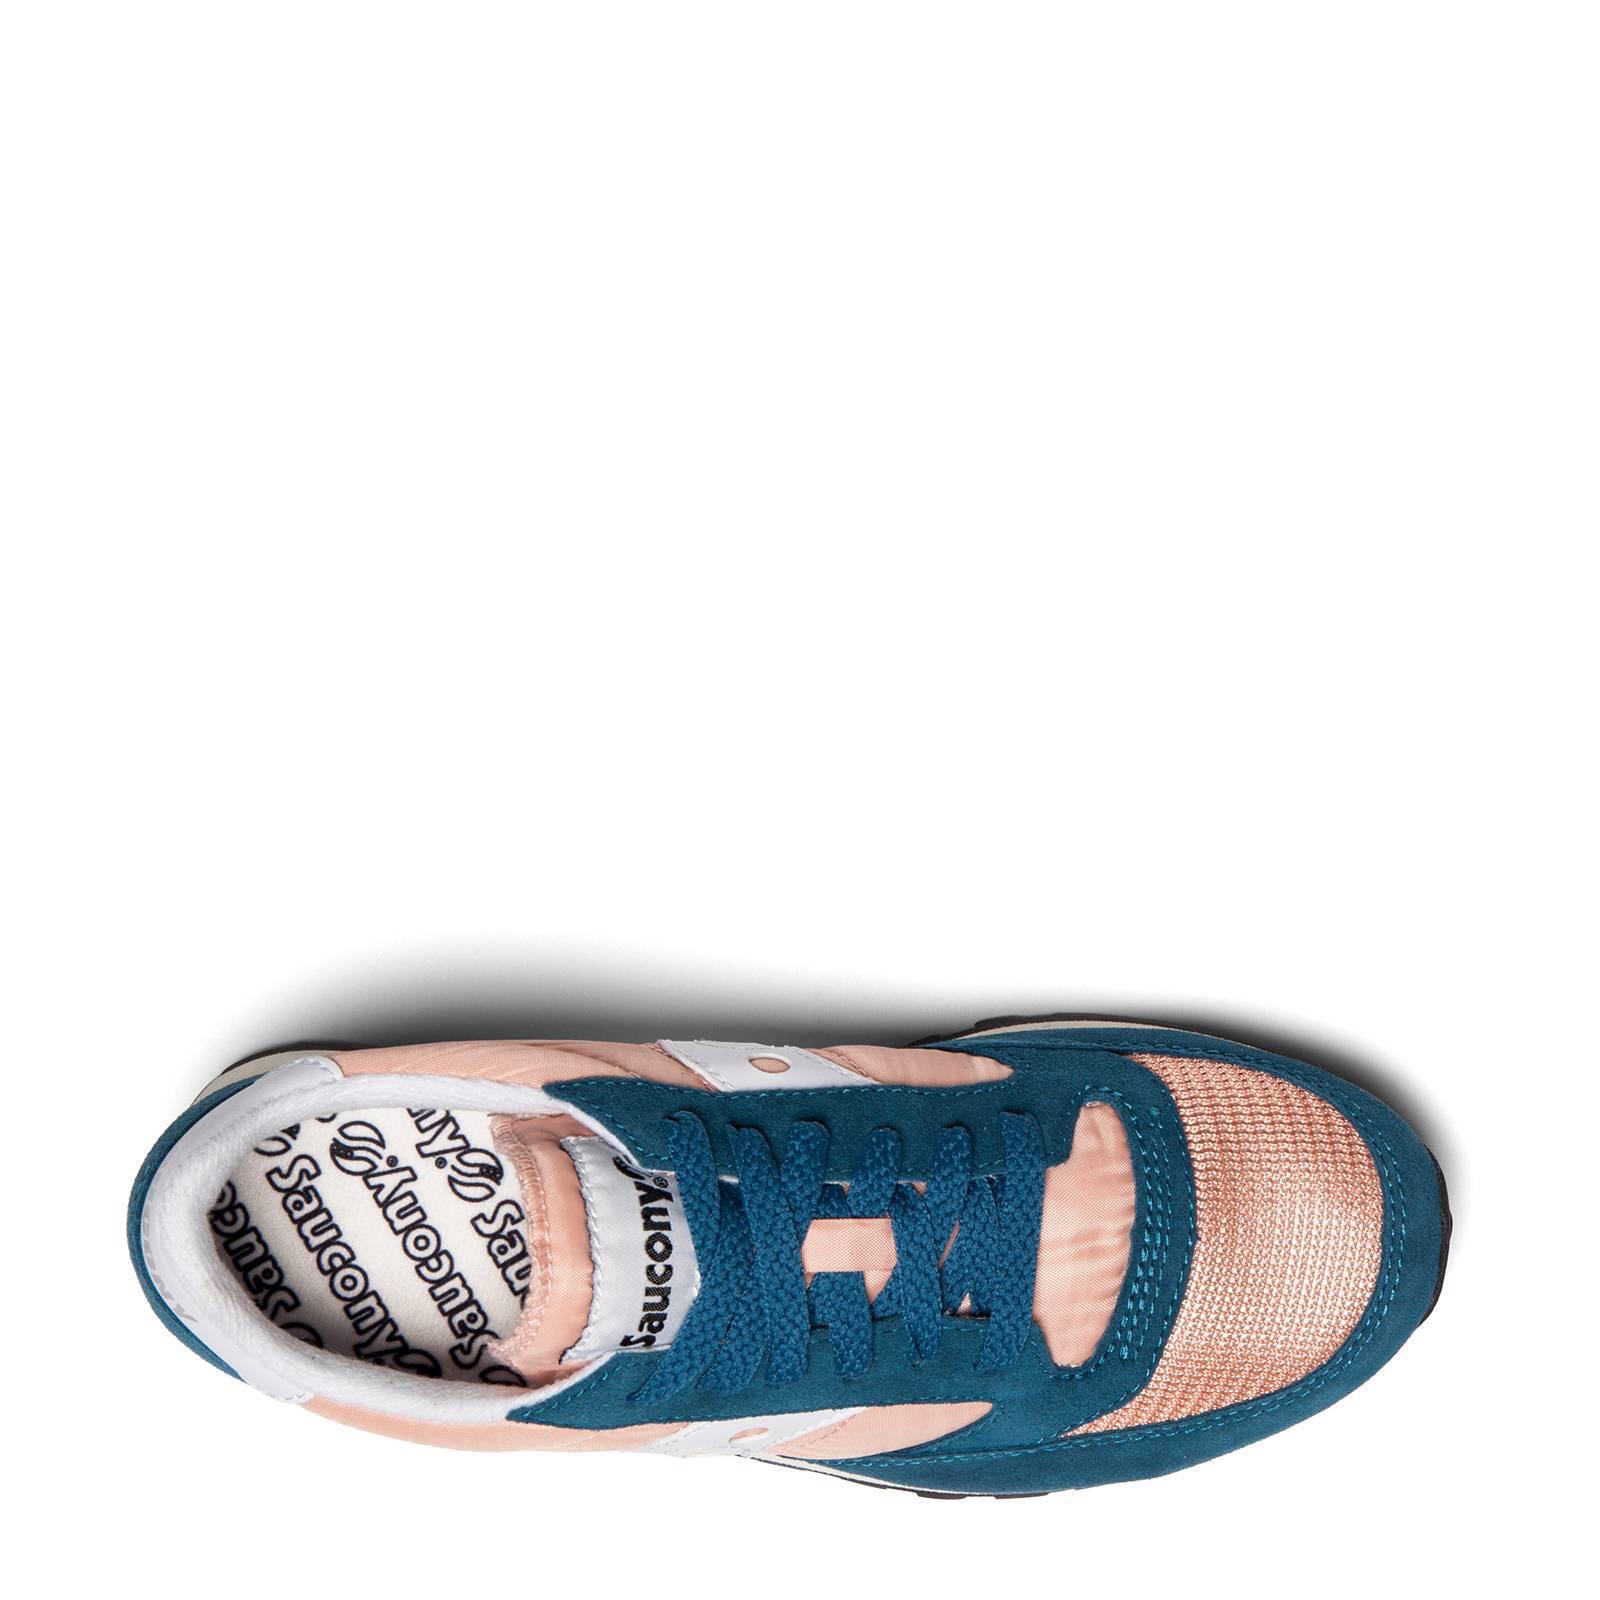 26fd3b827c13 Saucony Jazz Original Vintage sneakers